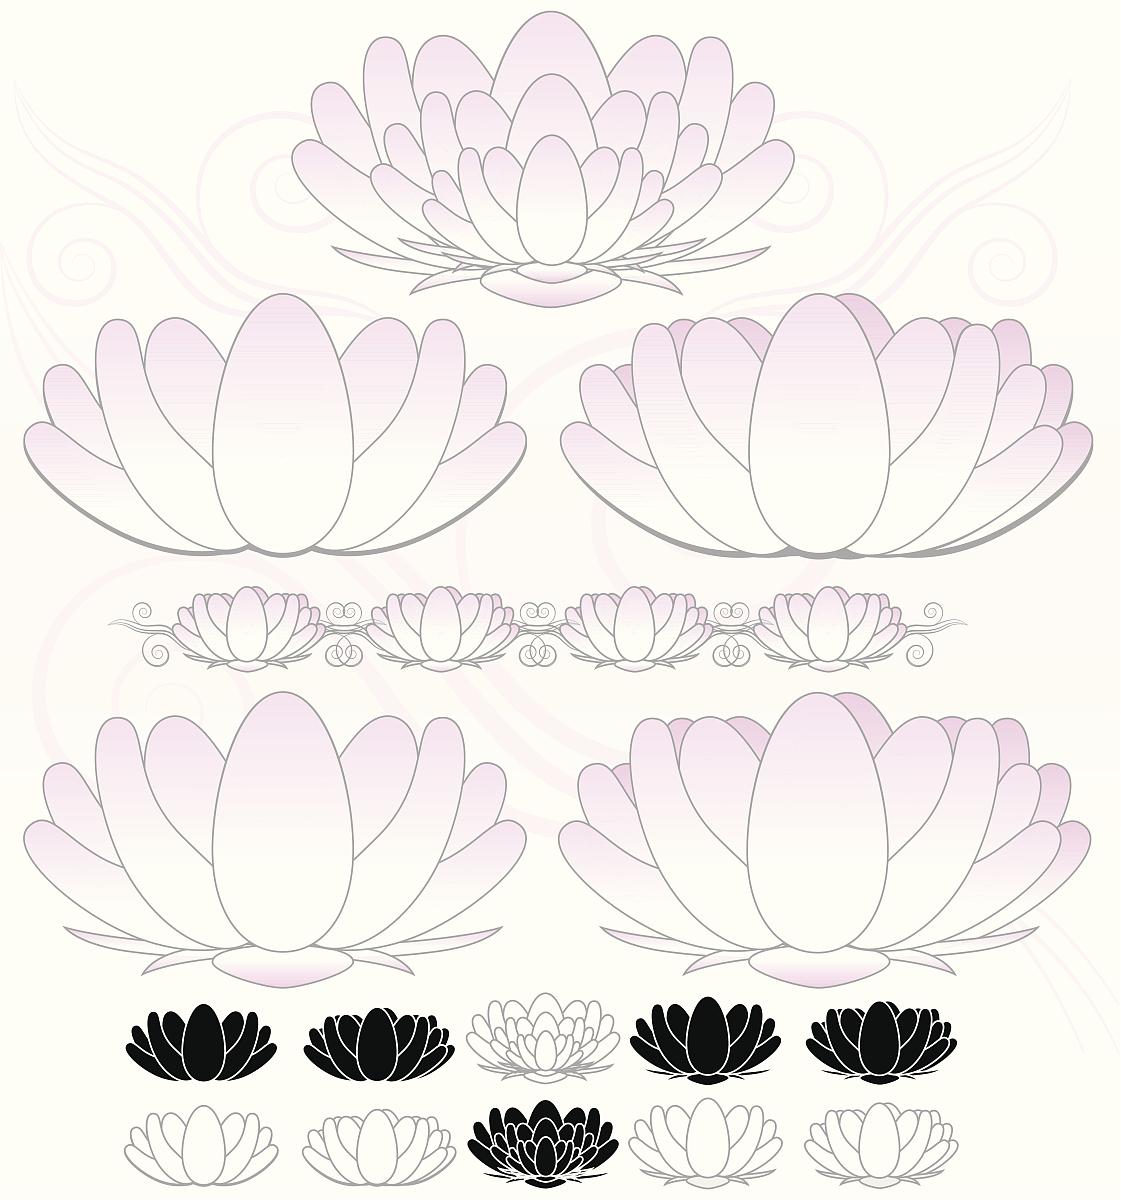 宁静,黑色,白色,式样,花,睡莲,背景,计算机图标,莲花,花纹,无人,矢量图片